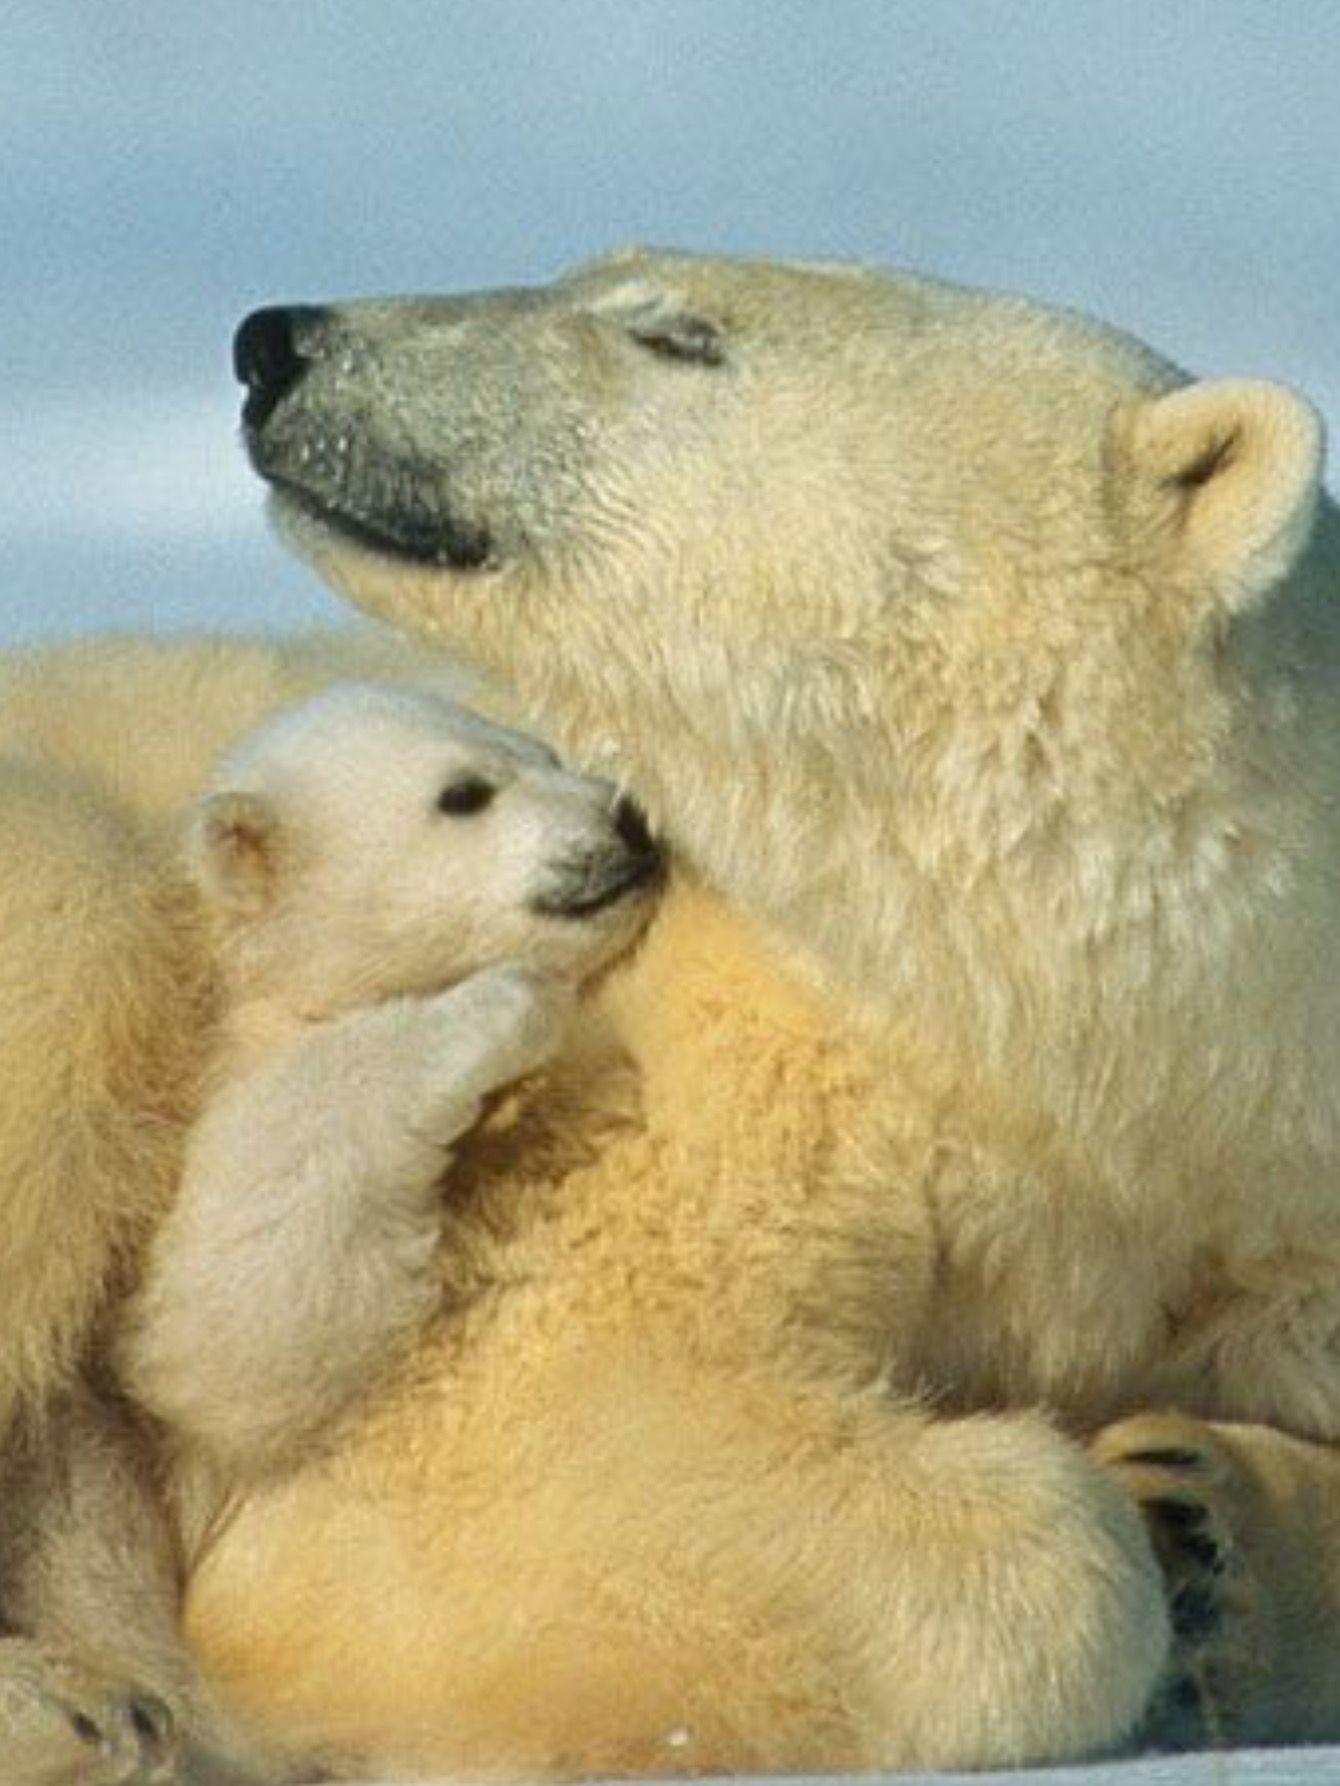 Mom scheint das Mommy sein sehr zu genießen!?!?